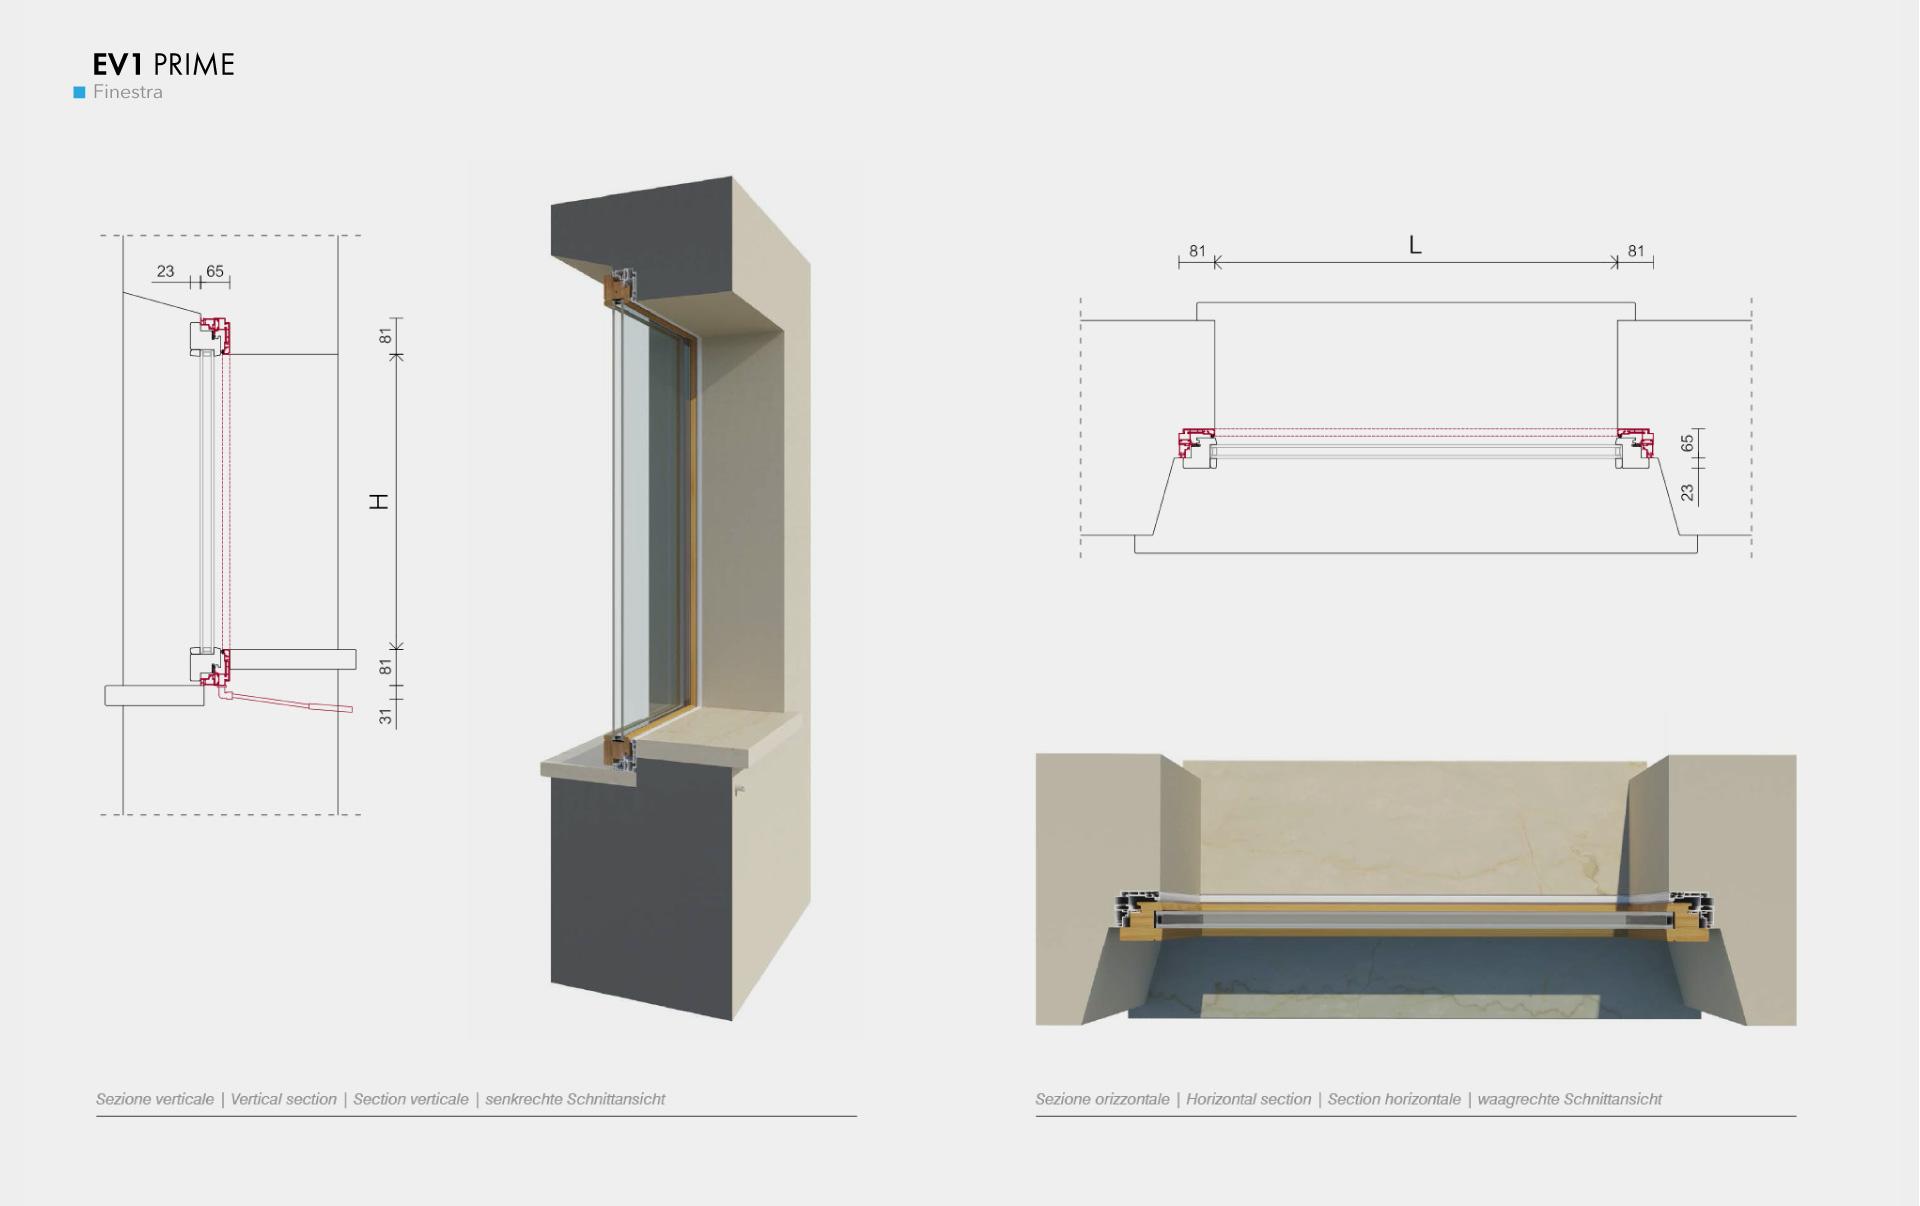 Serramenti filo muro e vetrate scorrevoli - Aprire finestra muro esterno ...